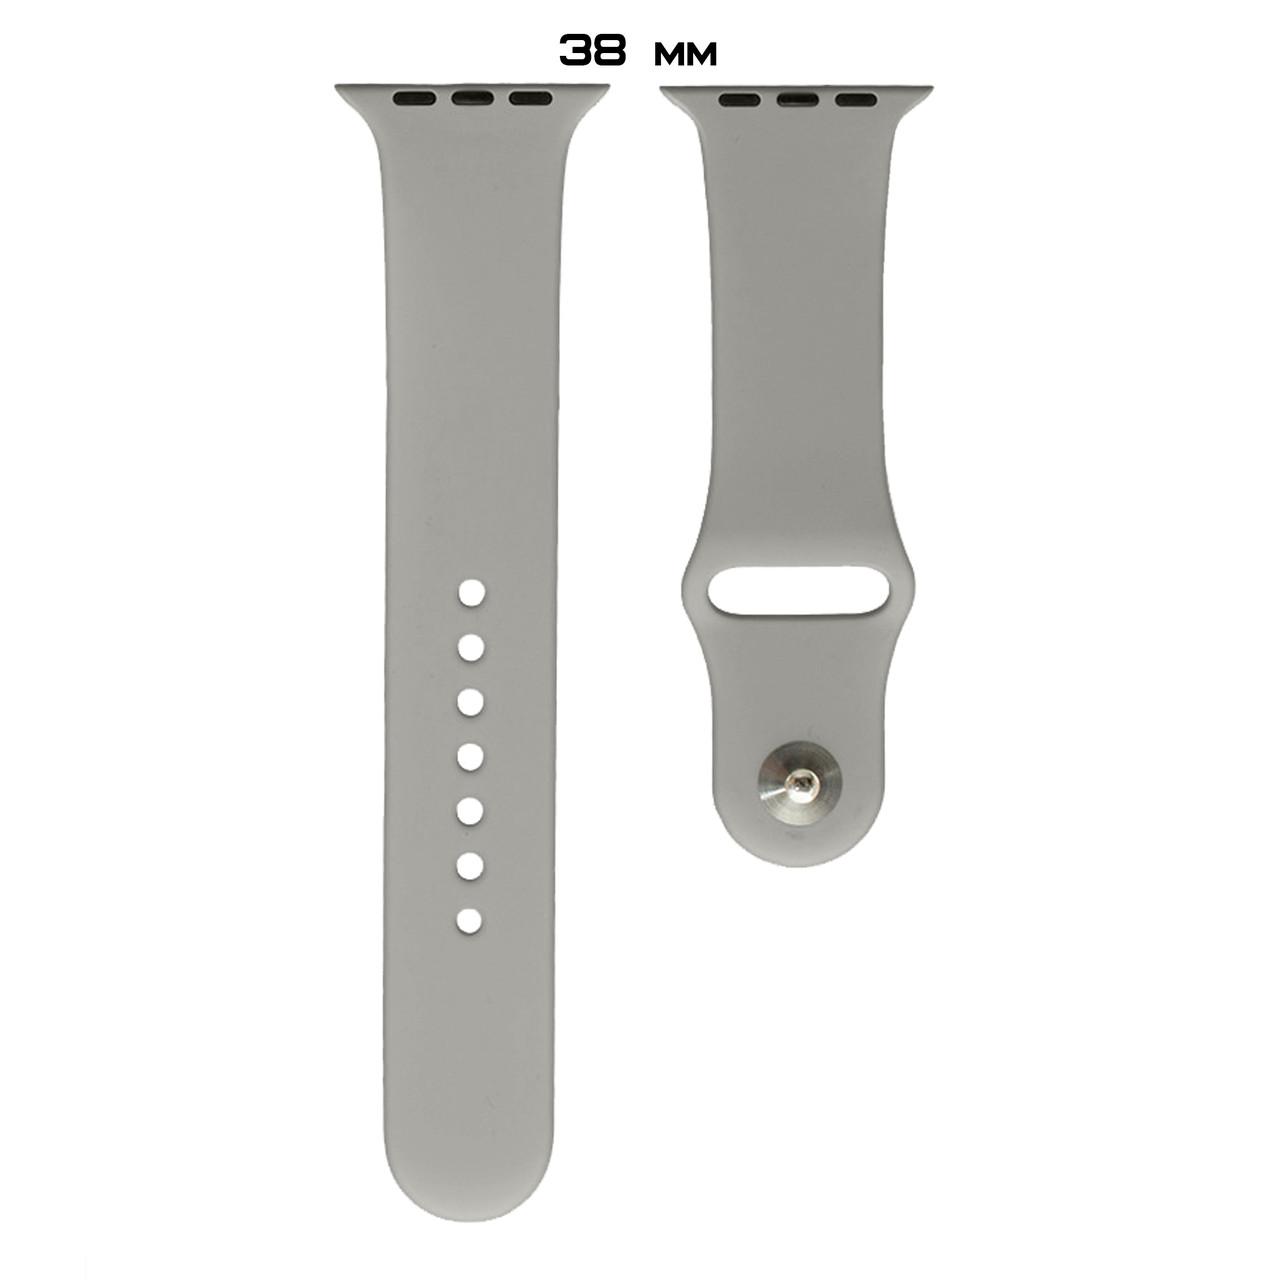 Ремешок Apple Watch Silicone 38/40mm (23) Pebble